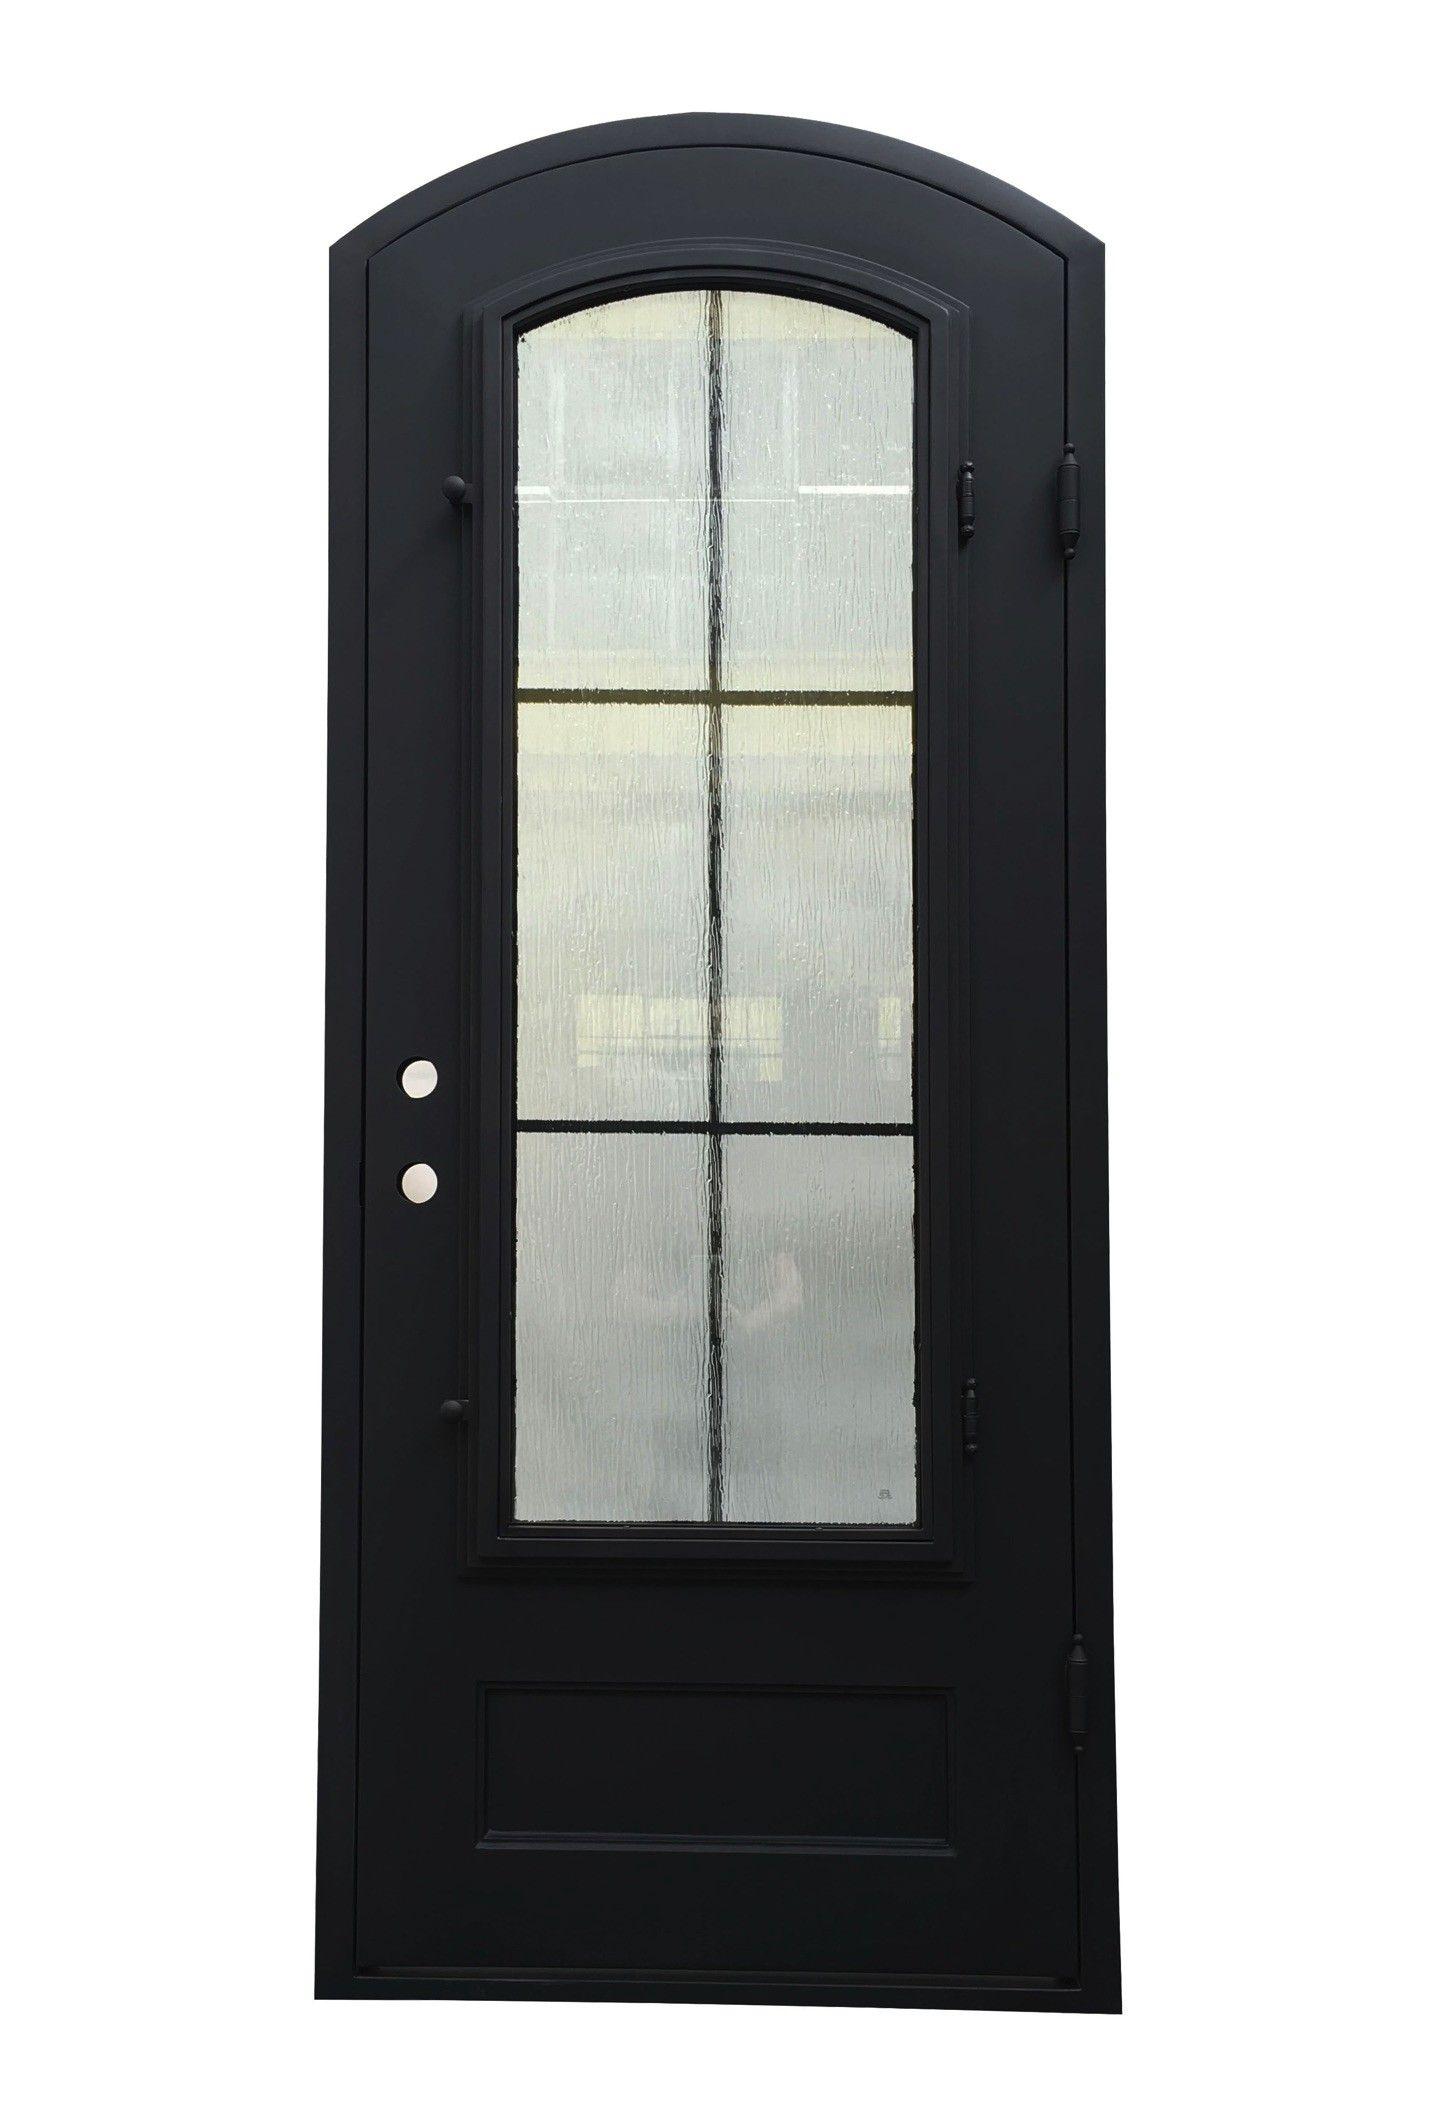 Bergama Iron Door 38 In X 99 In Left Hand Wrought Iron Single